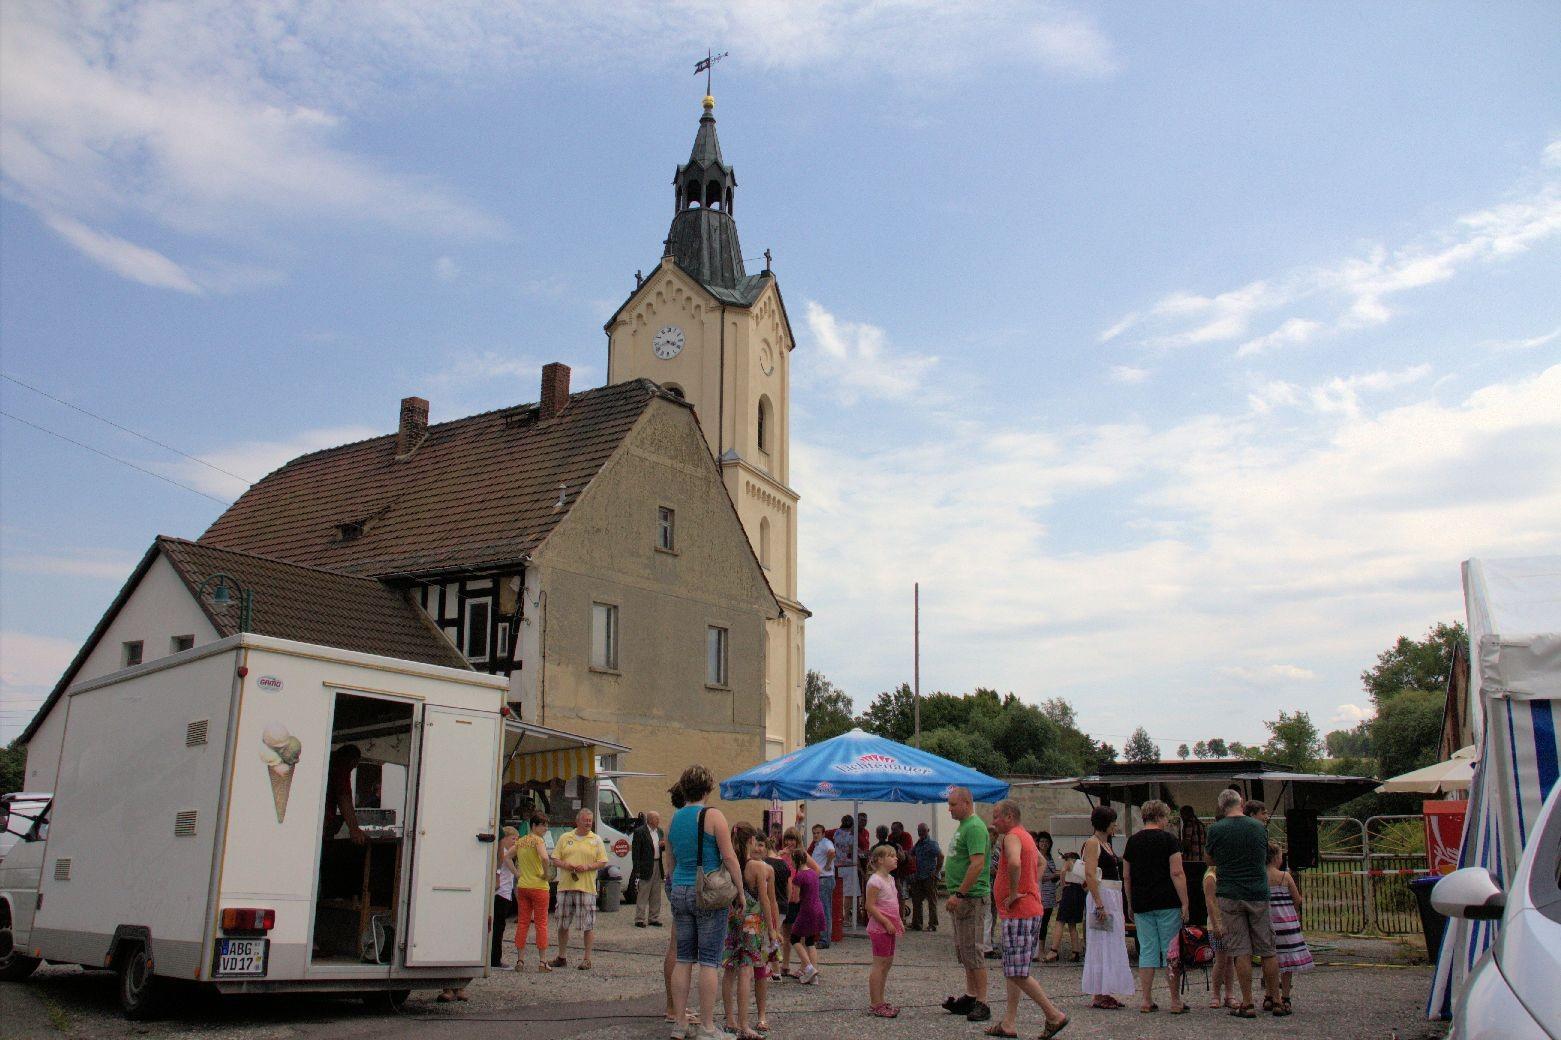 Und nach dem Konzert fand das Dorffest statt - oder besser die Kirchweih